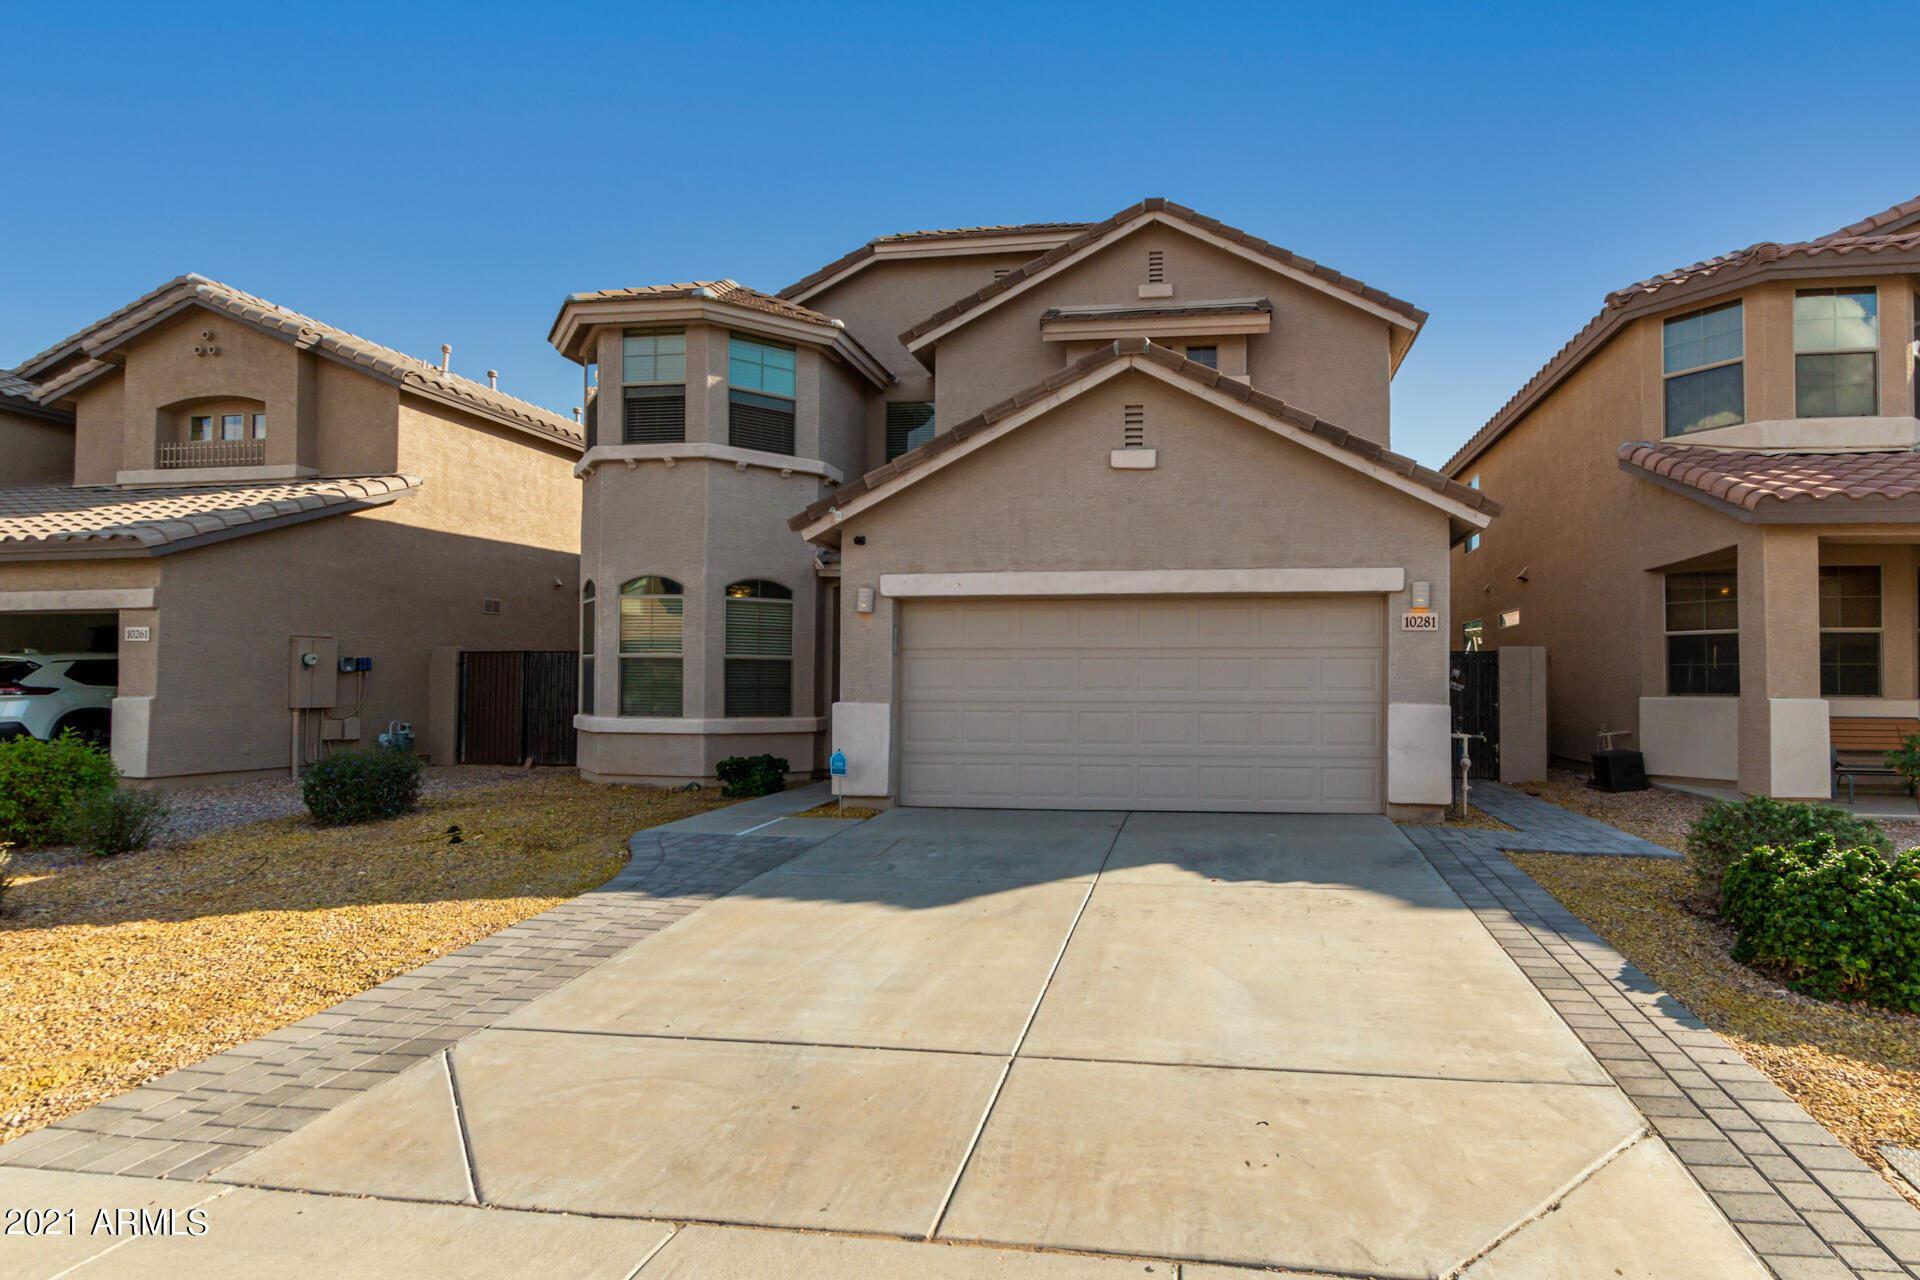 Photo of 10281 W ROBIN Lane, Peoria, AZ 85383 (MLS # 6293287)